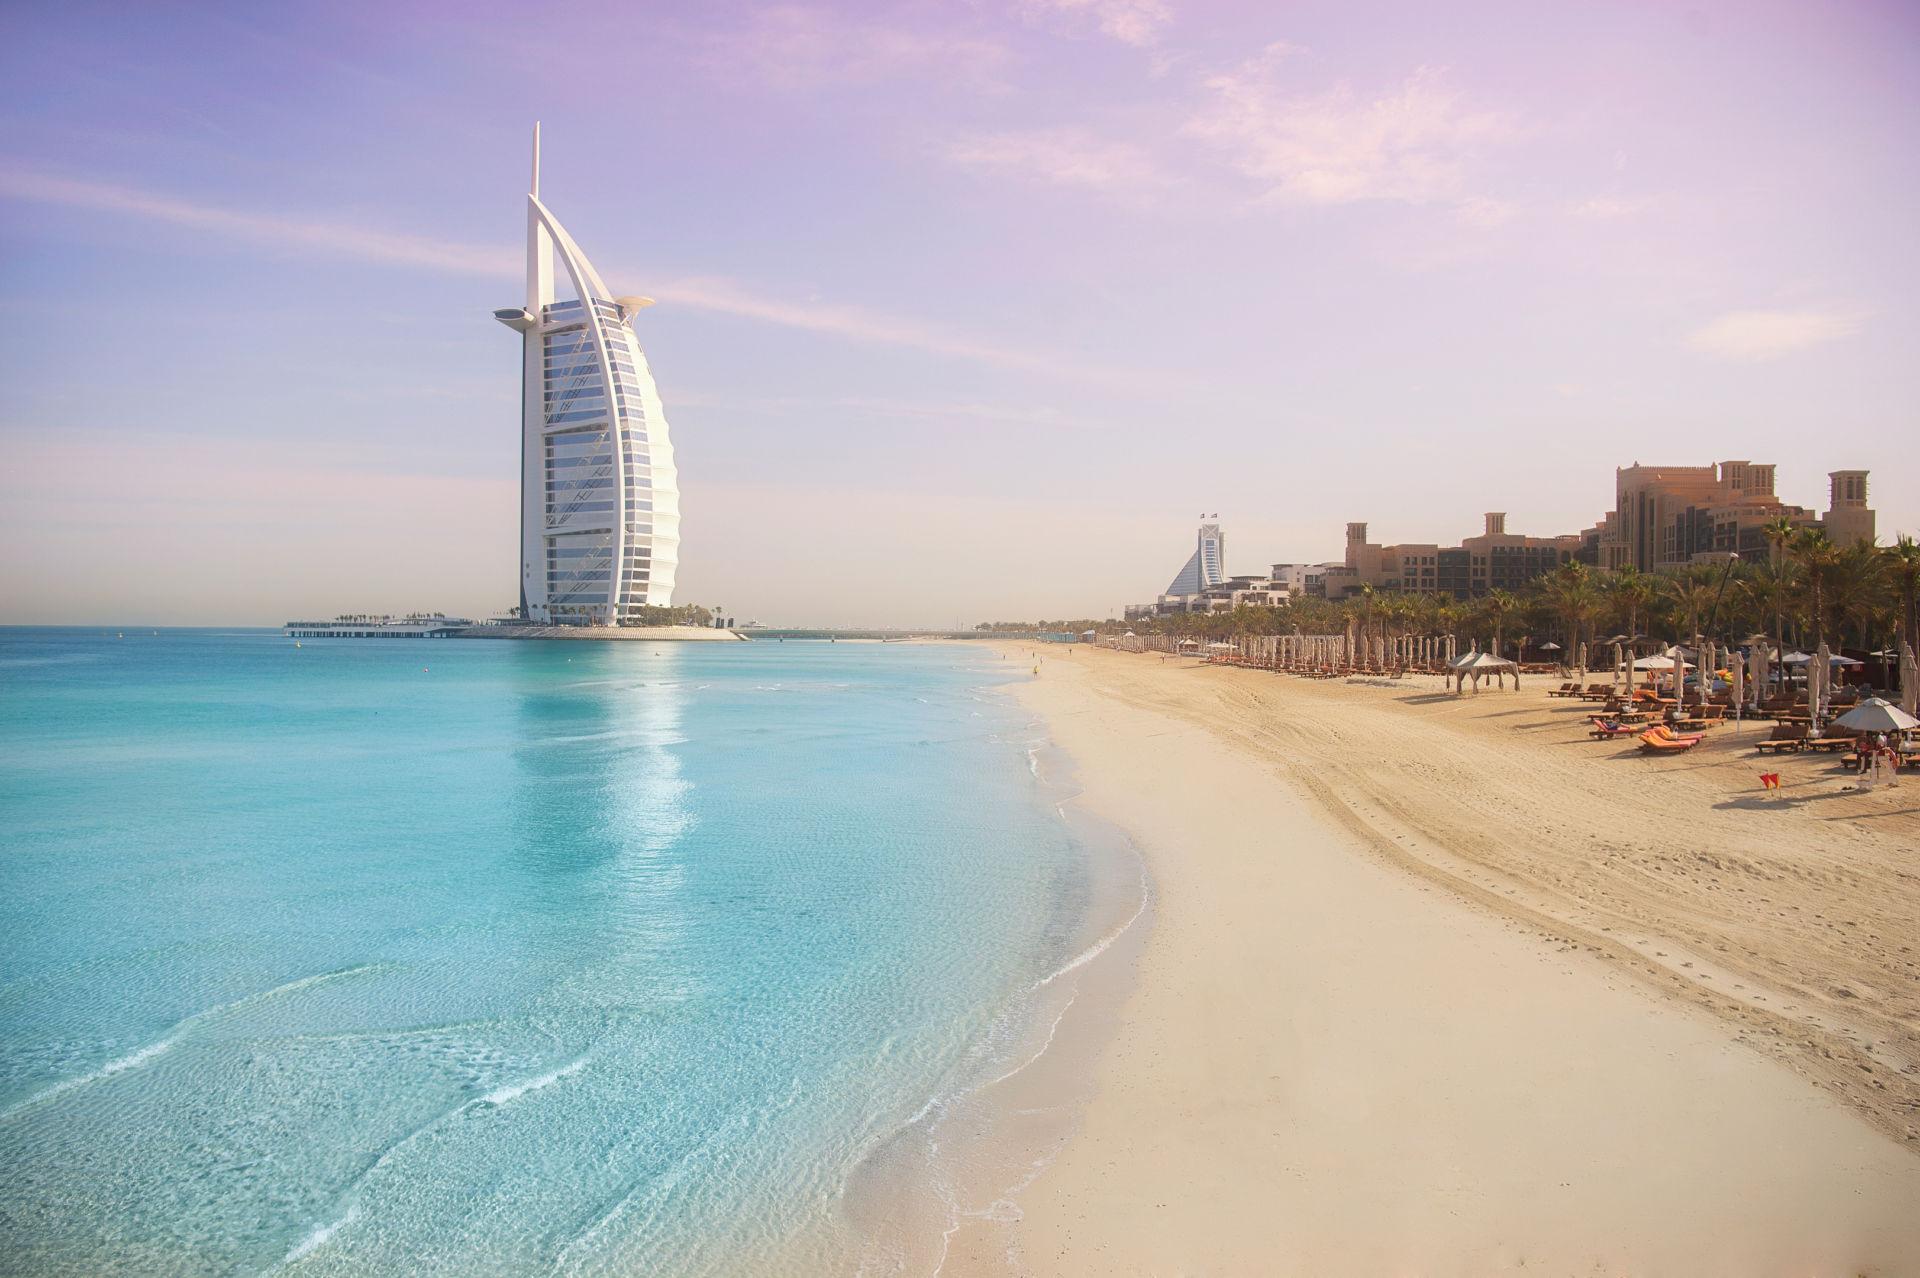 Фото моря в Дубае